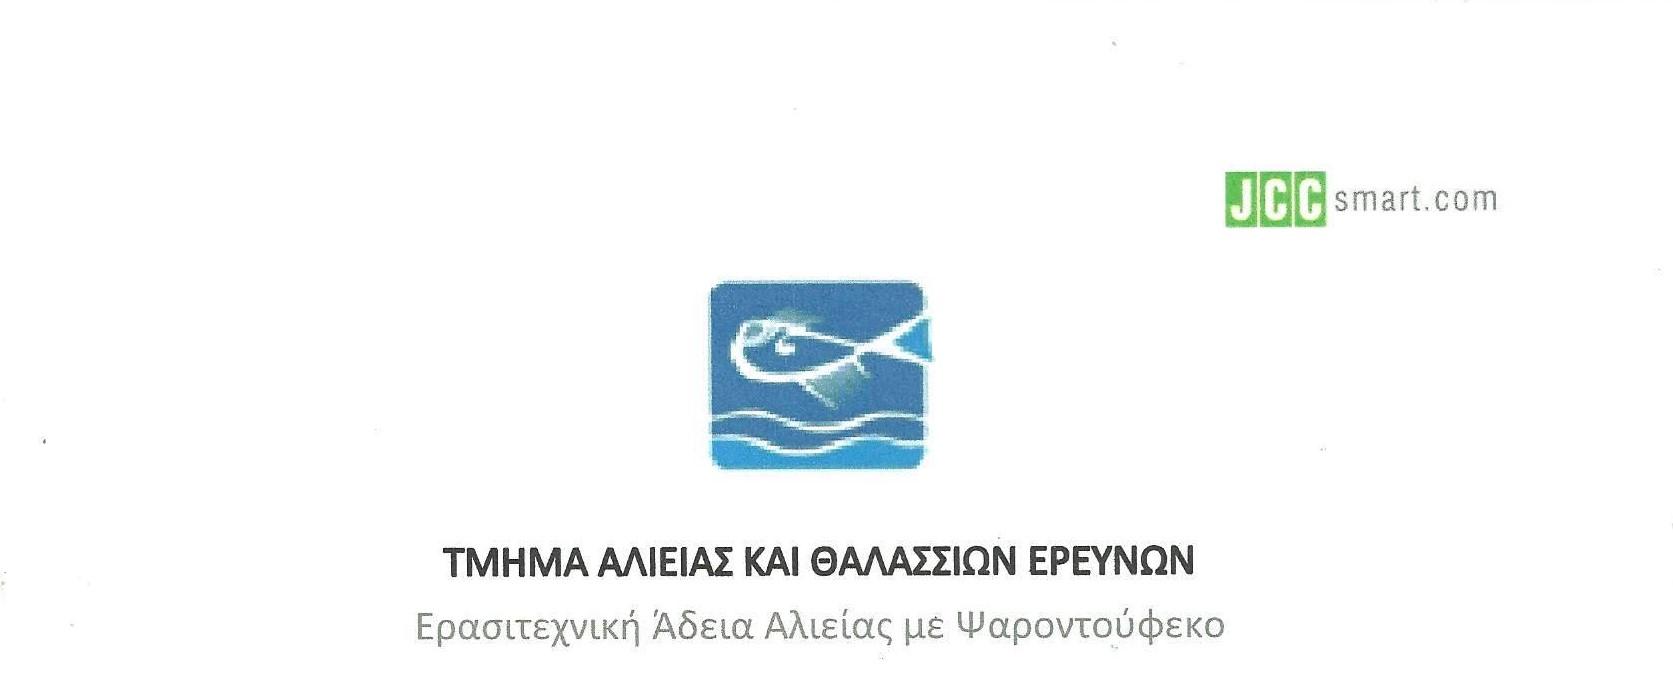 Θα θέλαμε να υπενθυμίσουμε σε όλους τους φίλους ερασιτέχνες ψαράδες ότι για το ψάρεμα